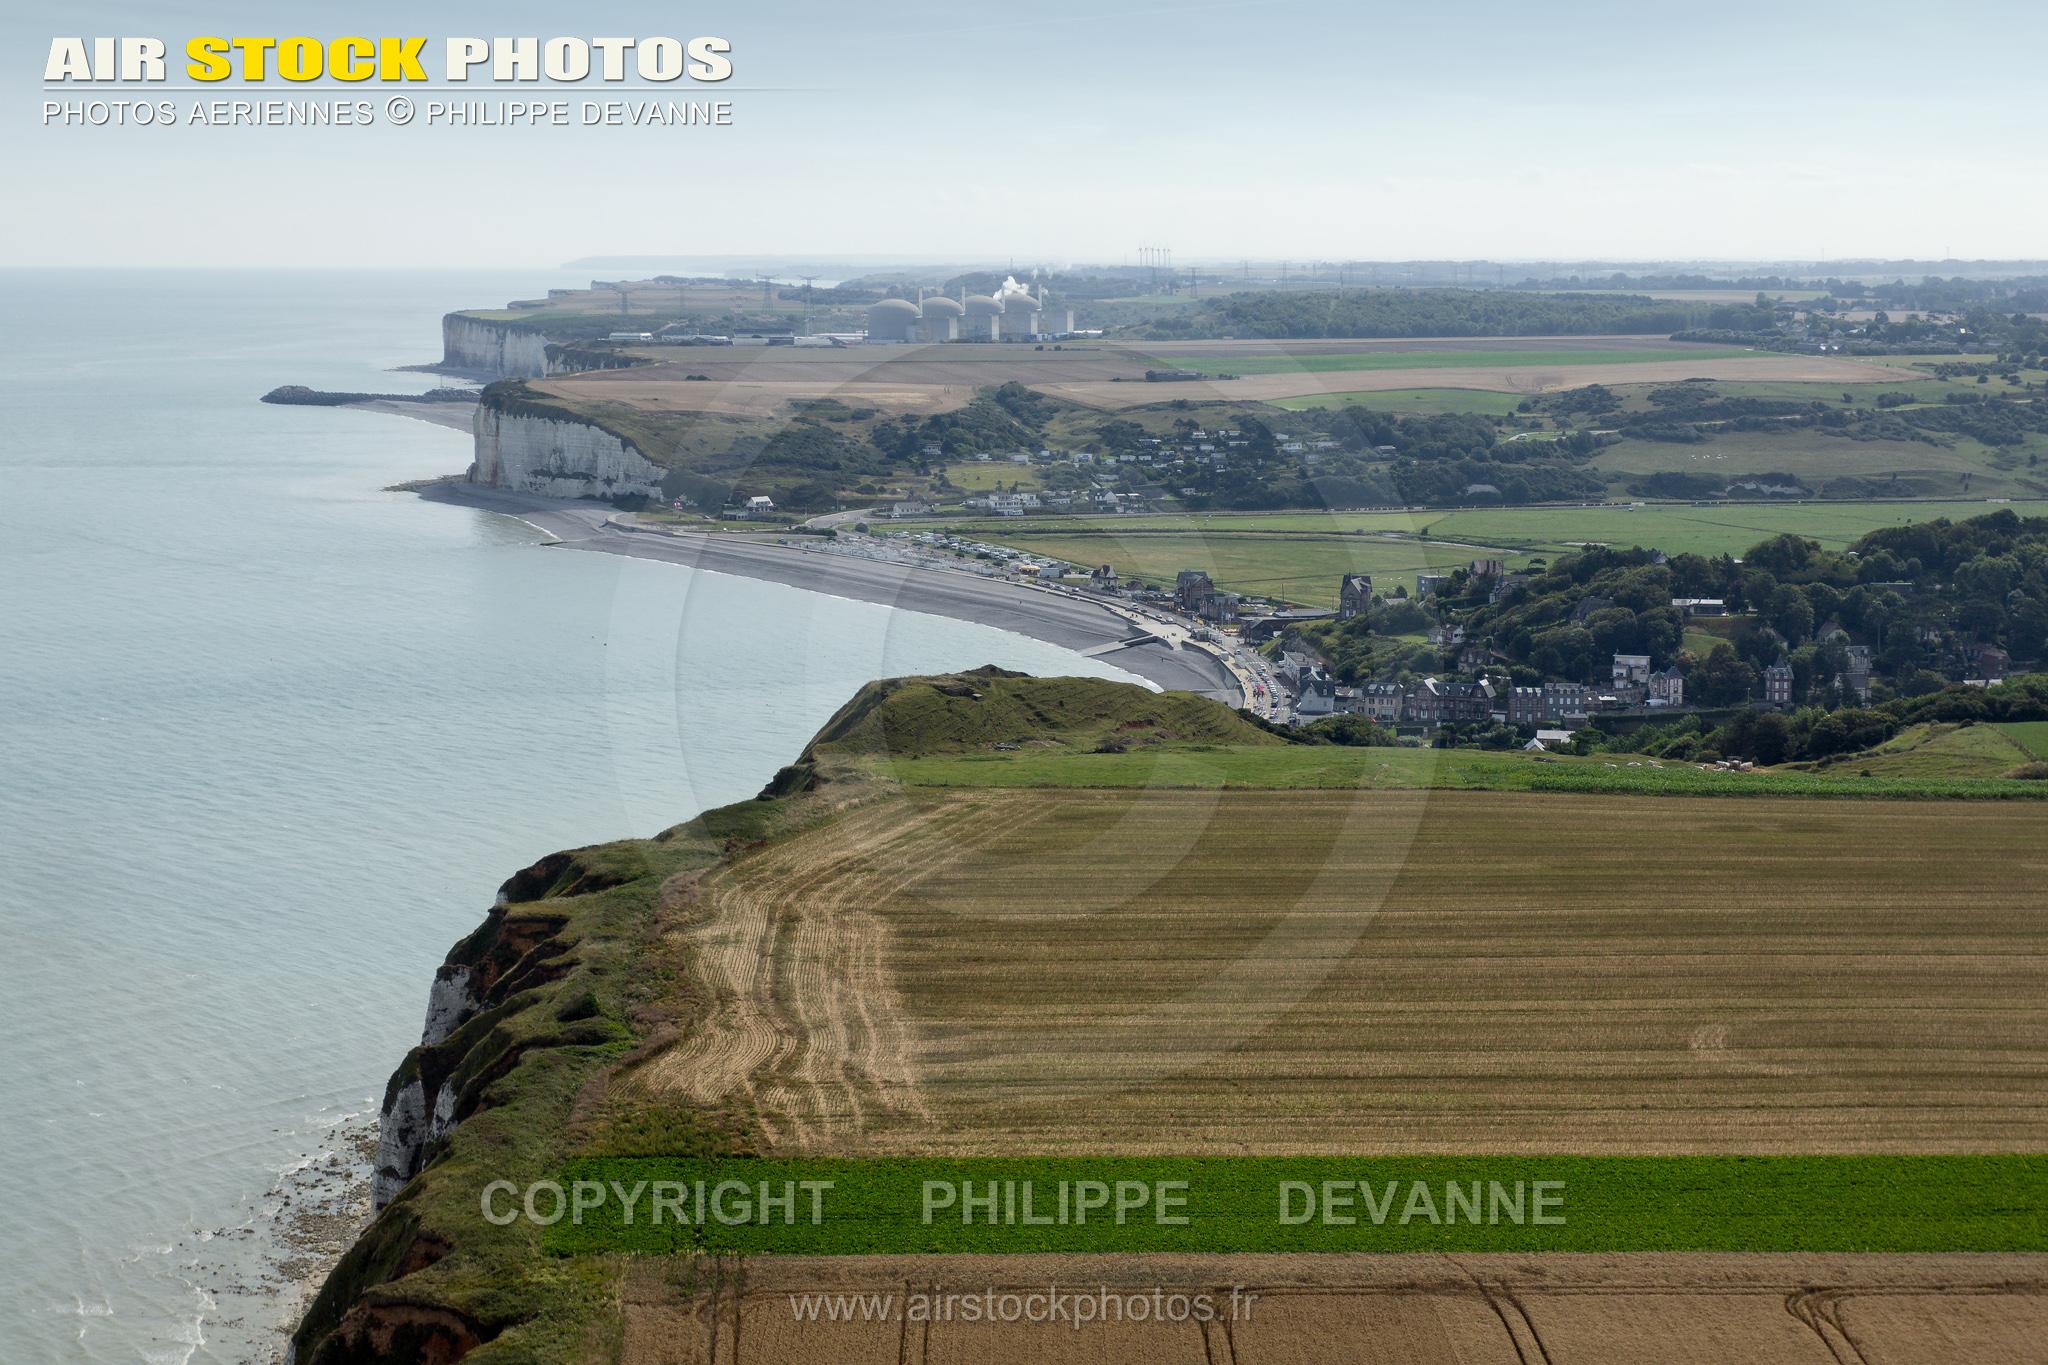 Vue aérienne de Veulettes-sur-mer Seine maritime 76